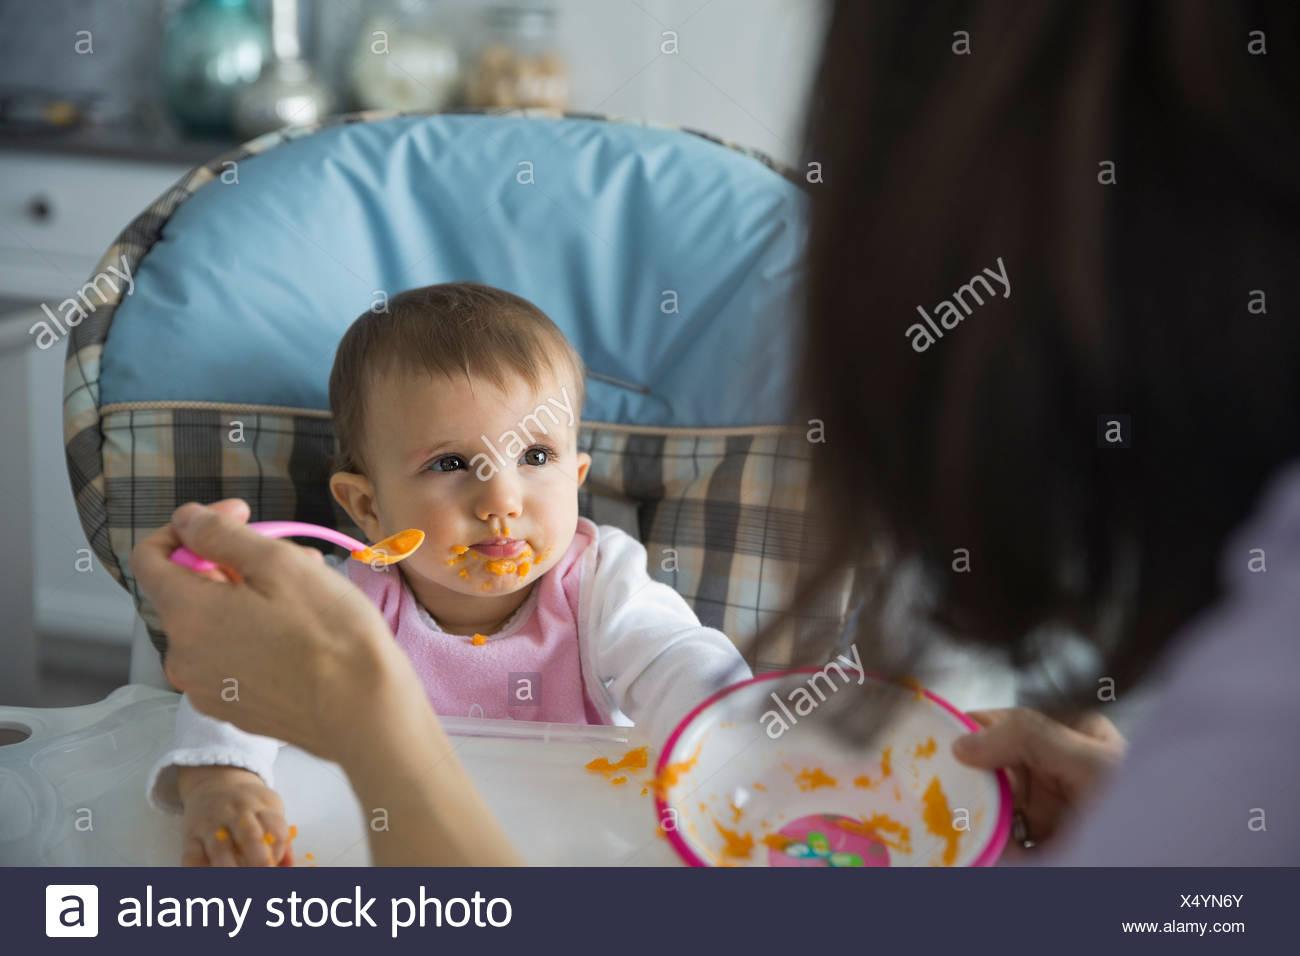 Cute baby girl está siendo alimentado por la madre en casa Imagen De Stock